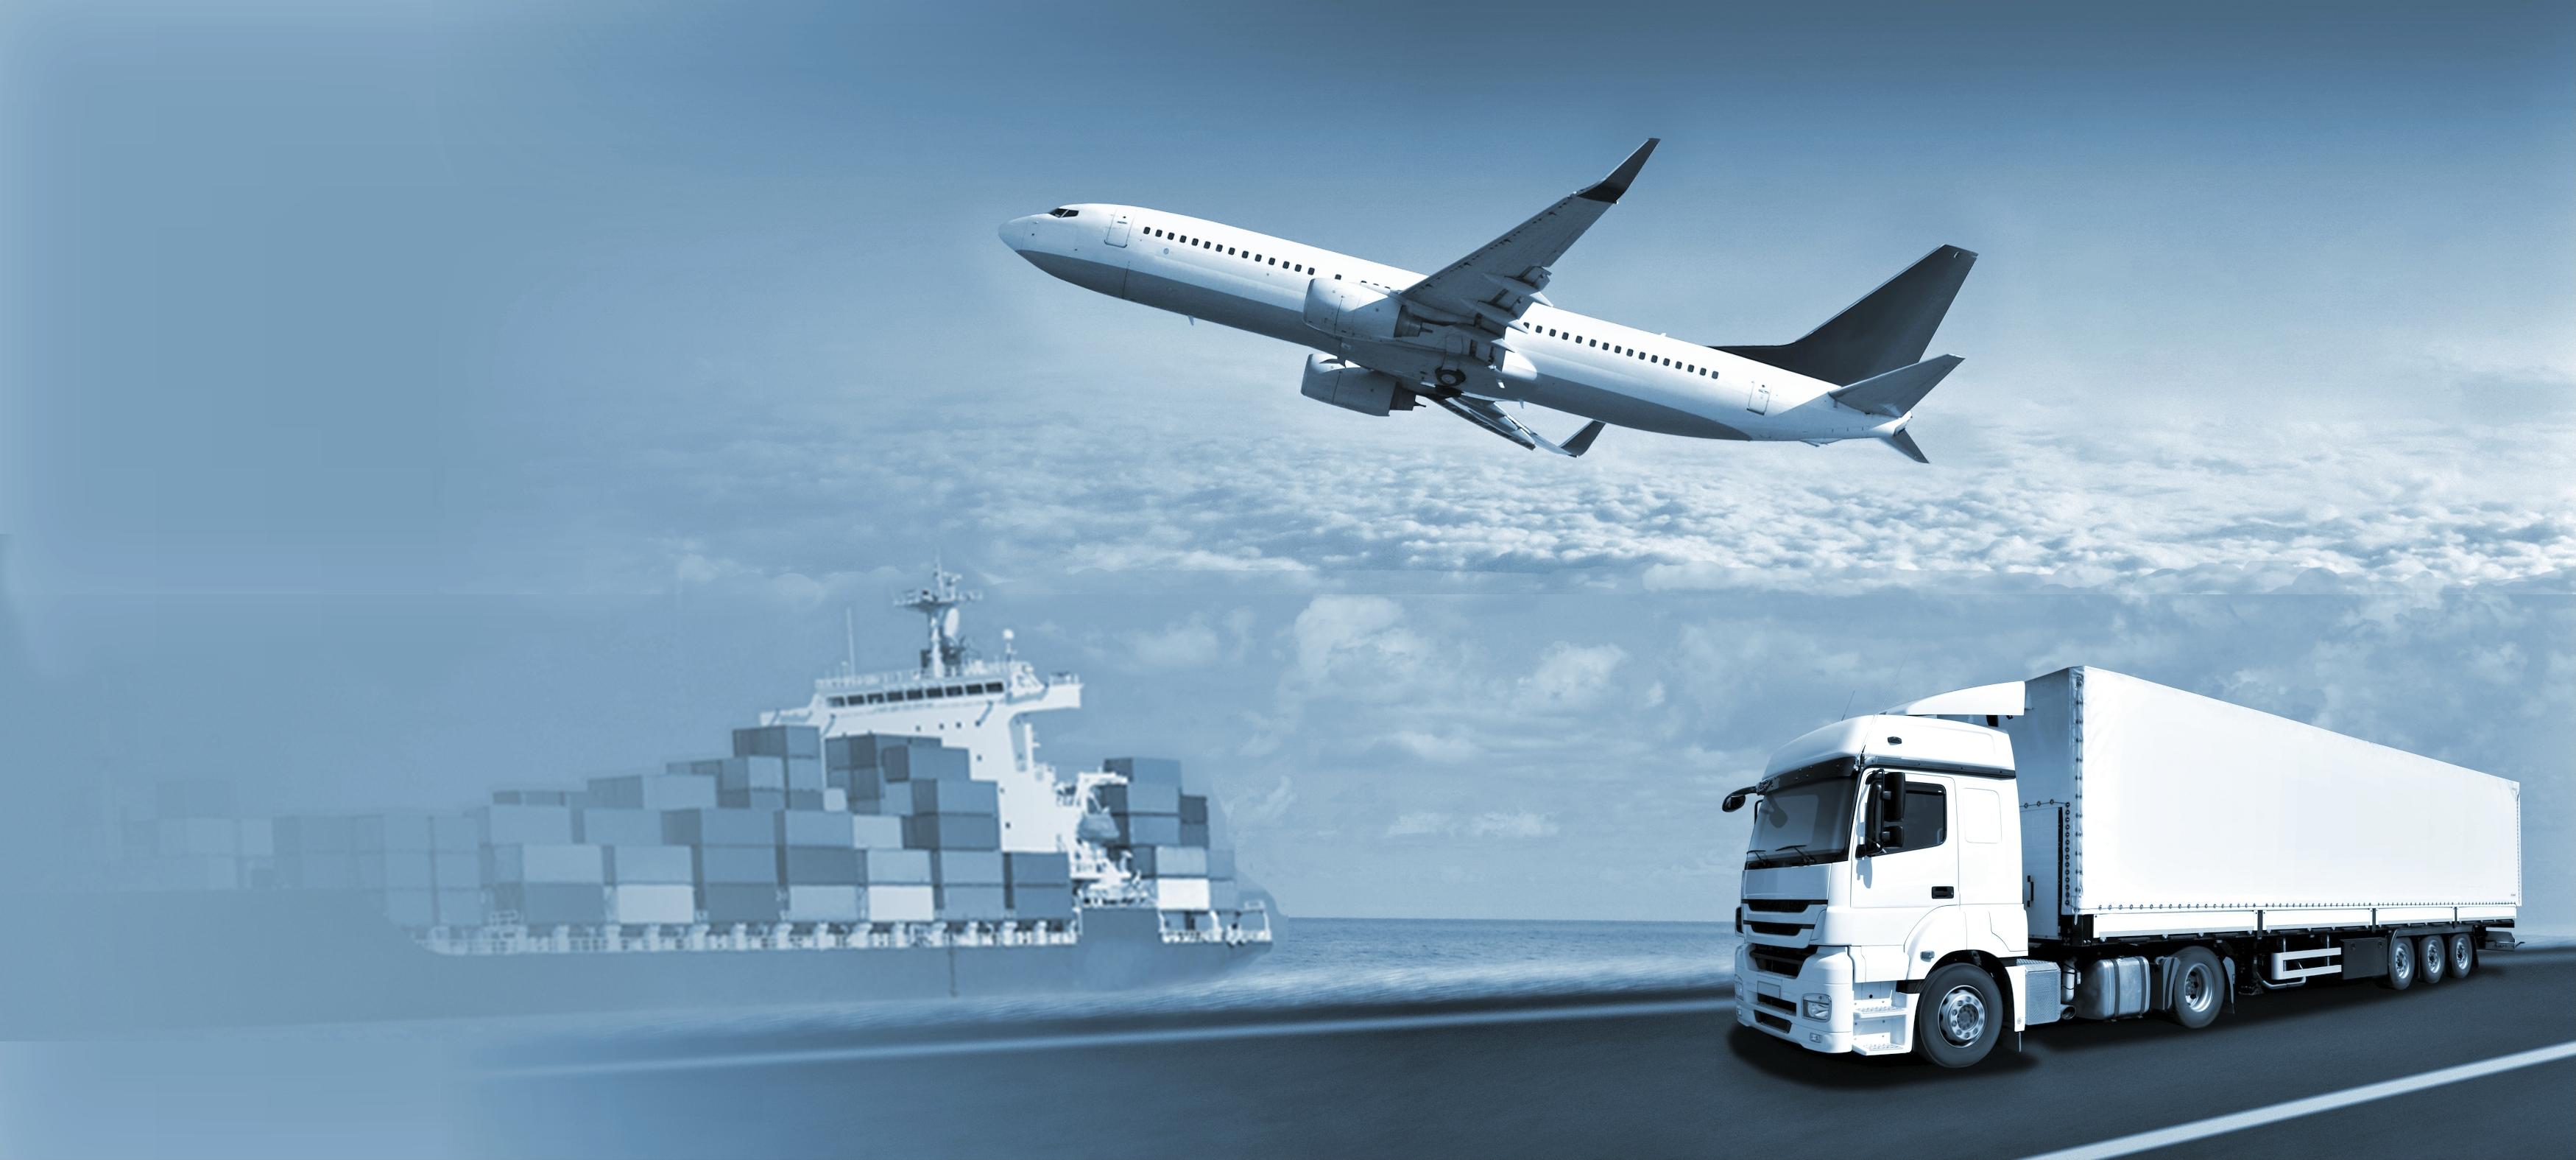 Dịch vụ chuyển phát nhanh hàng hóa đi Benin nhanh chóng, giá rẻ